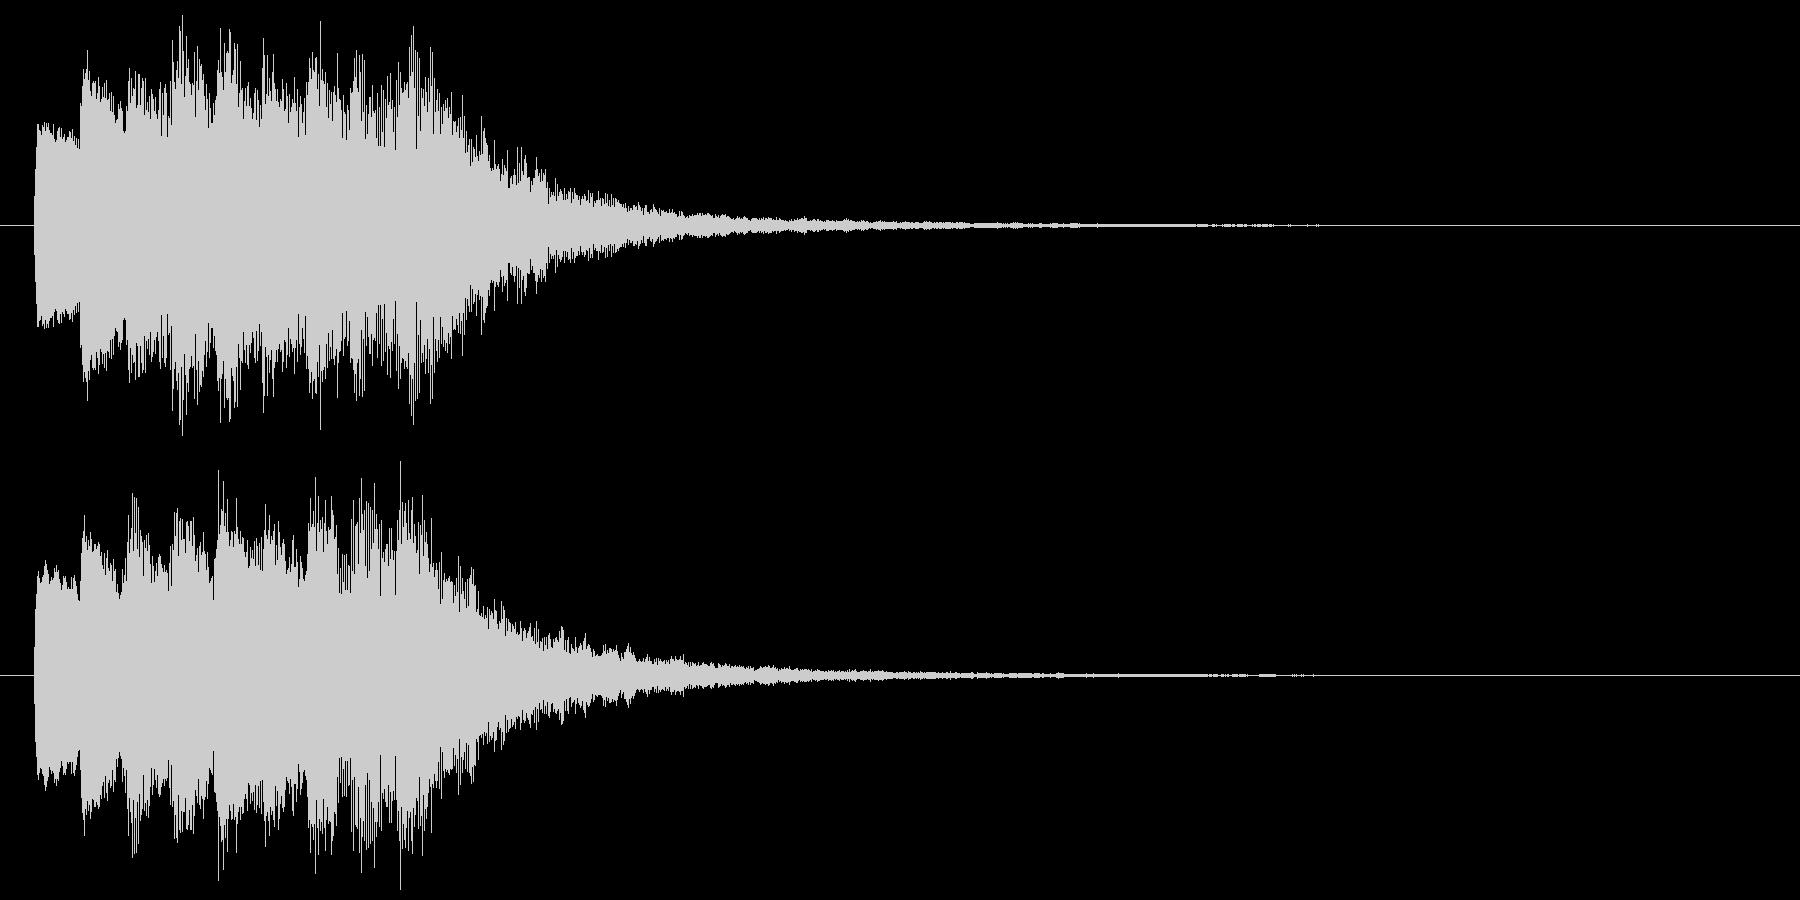 古いパソコンの終了音風ジングル1の未再生の波形